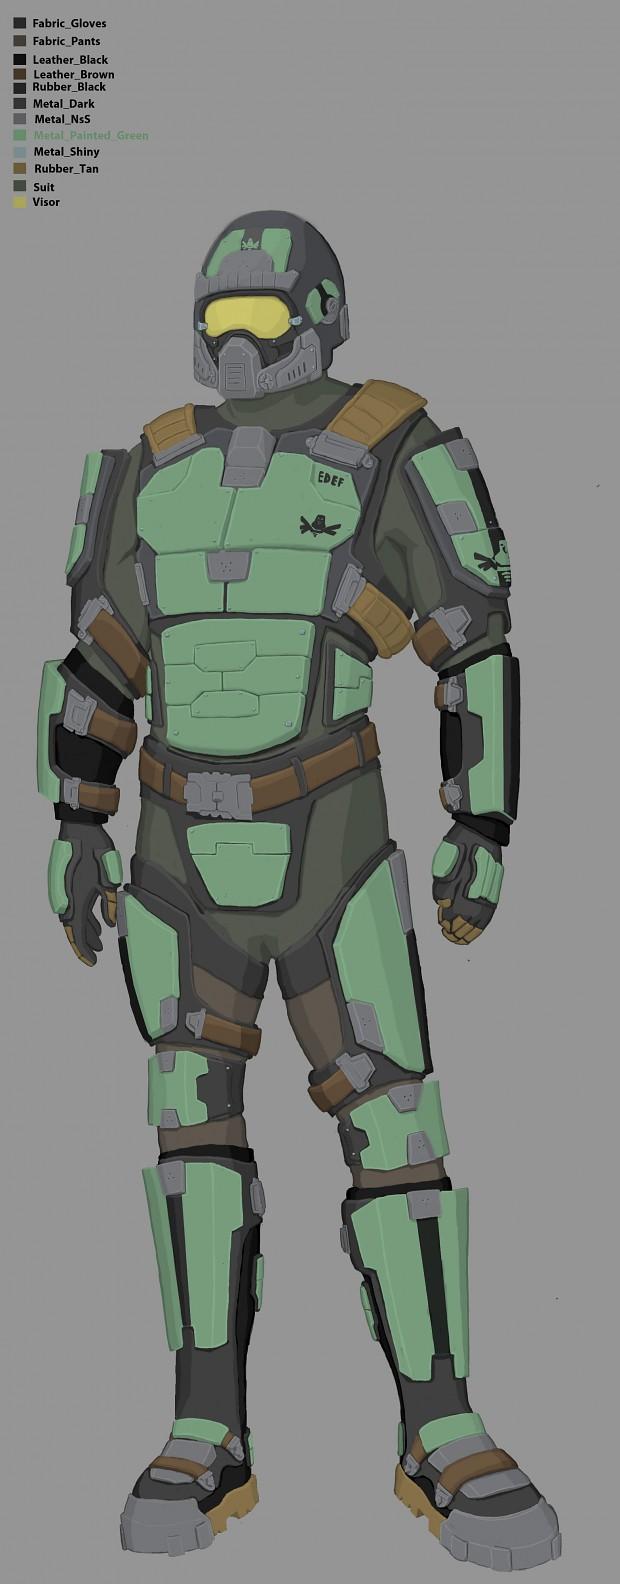 EGB Soldier Concept V2017 - Color